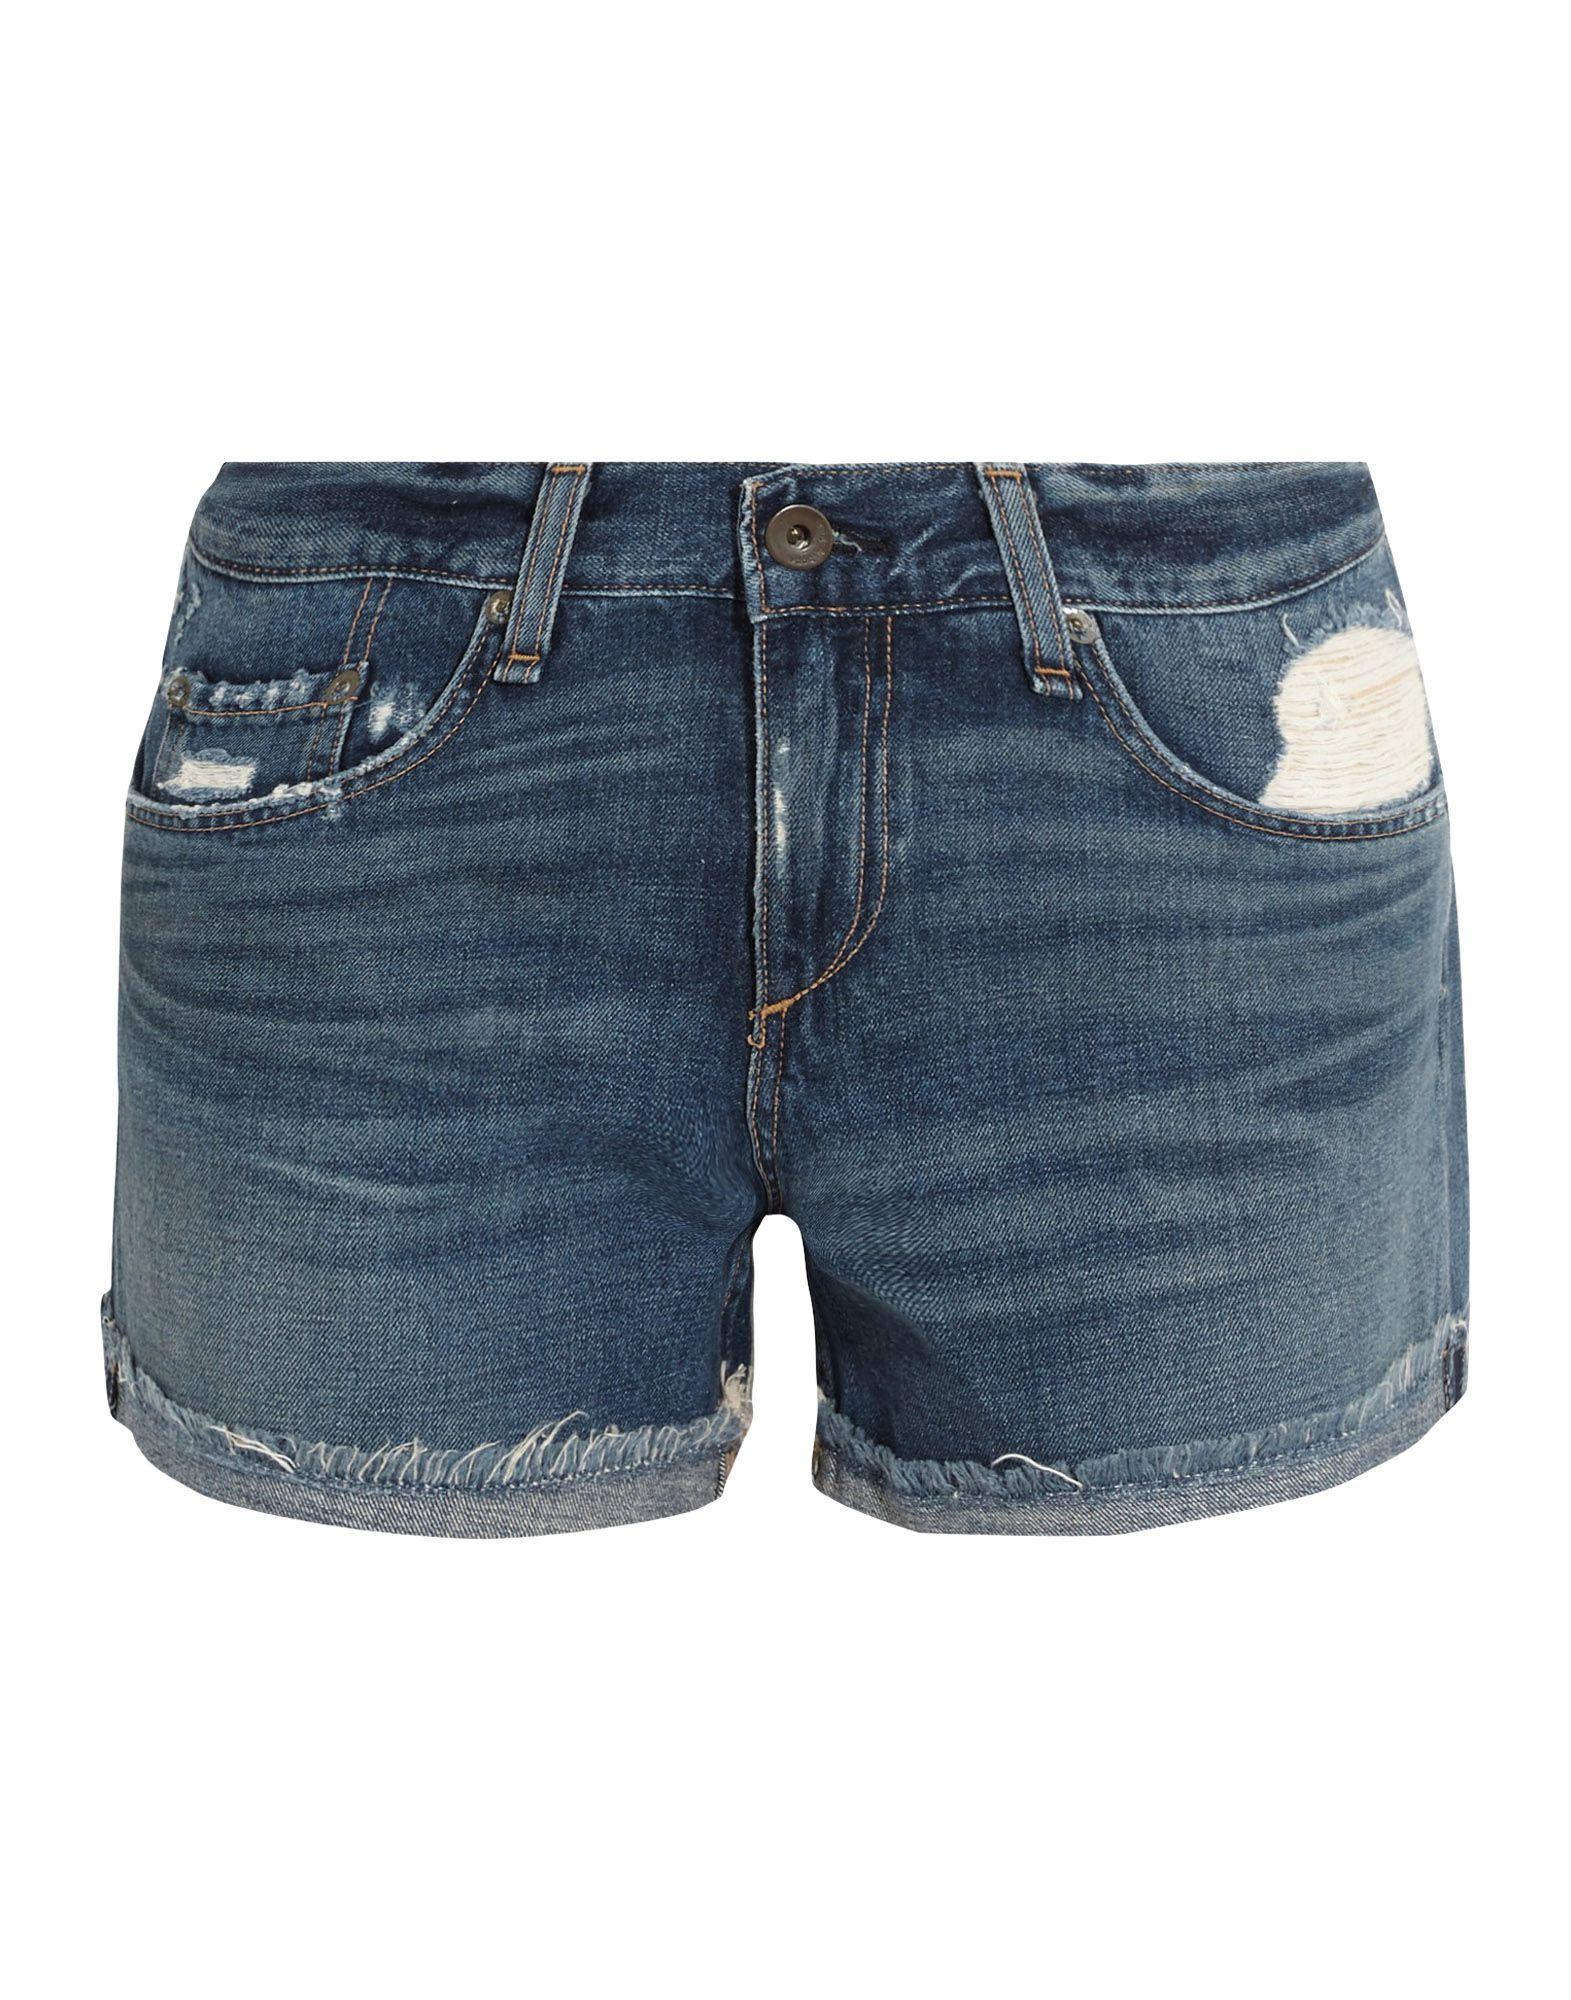 Фото - RAG & BONE/JEAN Джинсовые шорты брошь blucome bijouteria esmaltes 7106100495